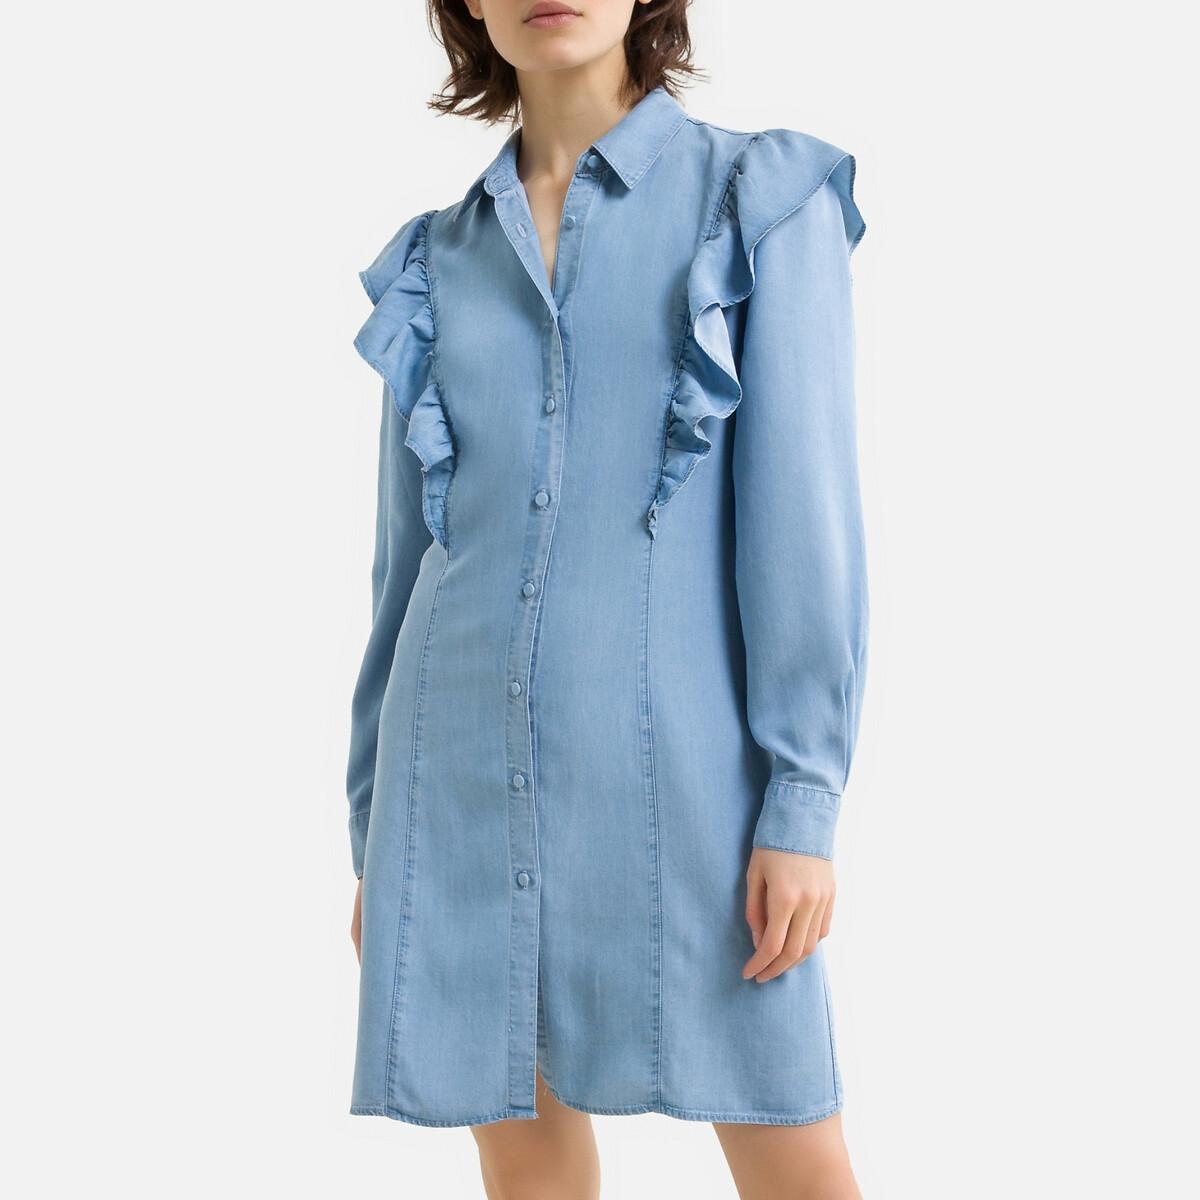 Платье-рубашка LaRedoute С воланами из джинсовой ткани 36 (FR) - 42 (RUS) синий